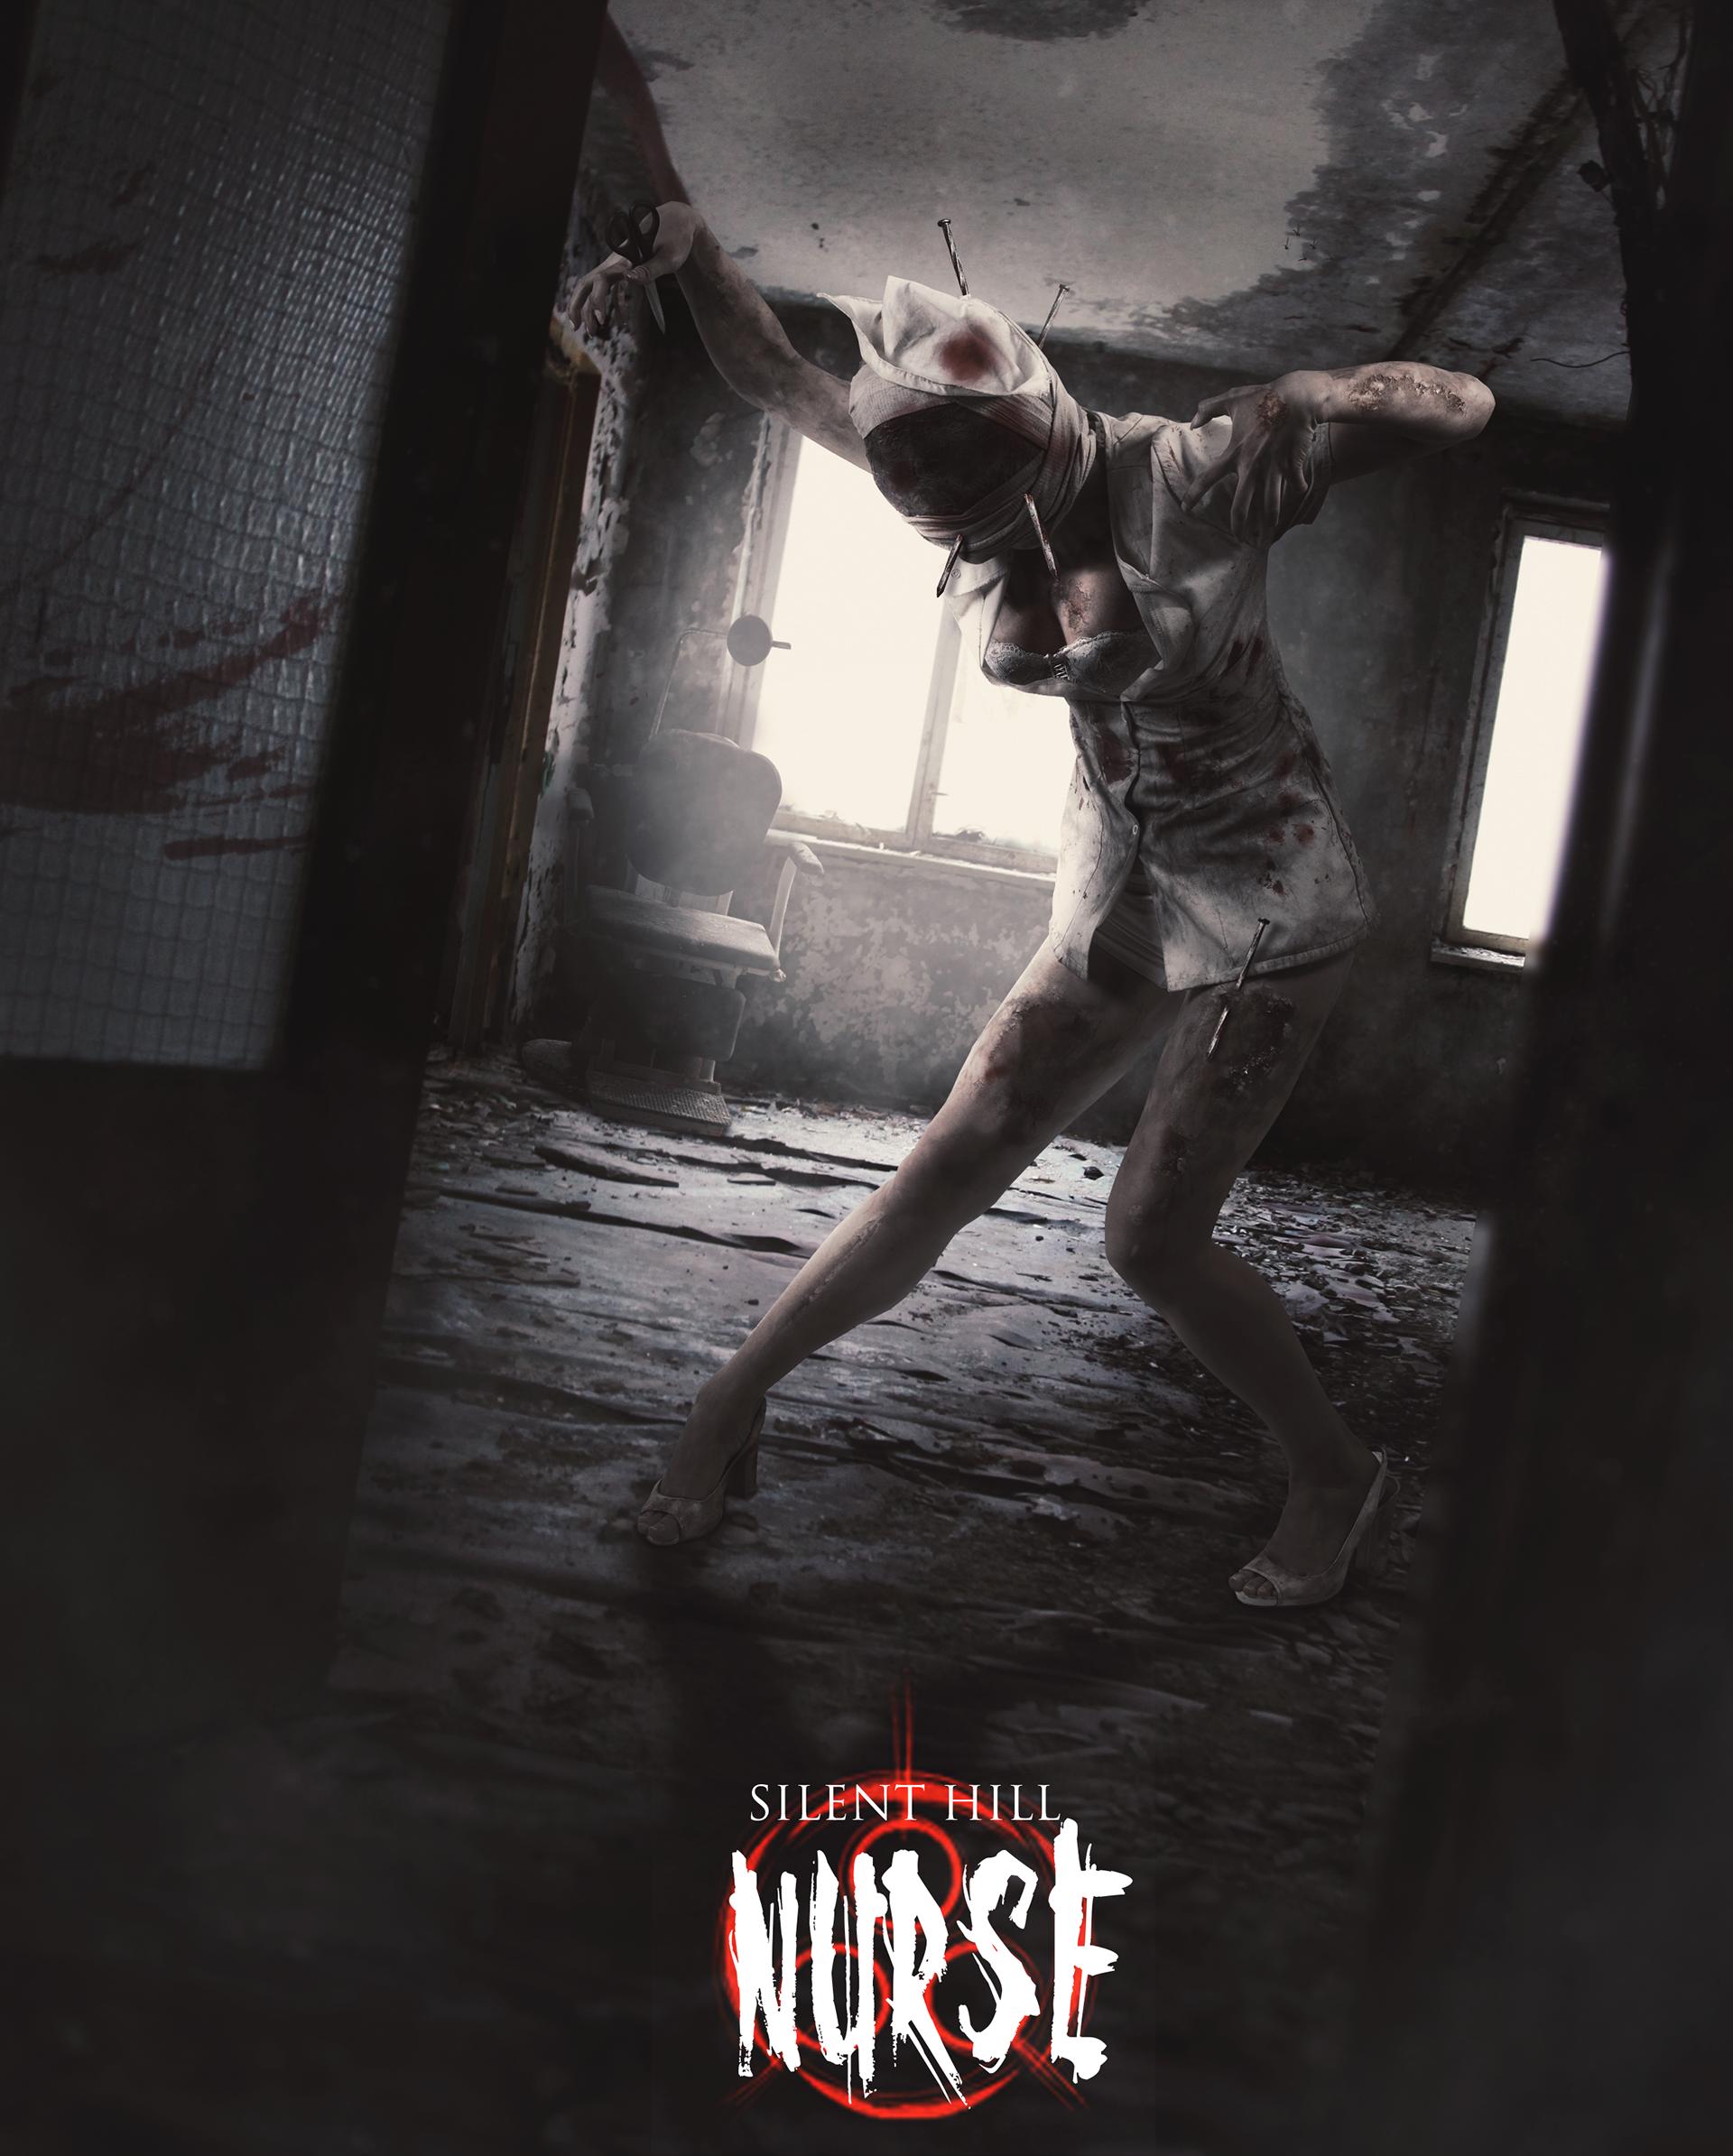 Silent Hill Concept Art Nurse On Behance